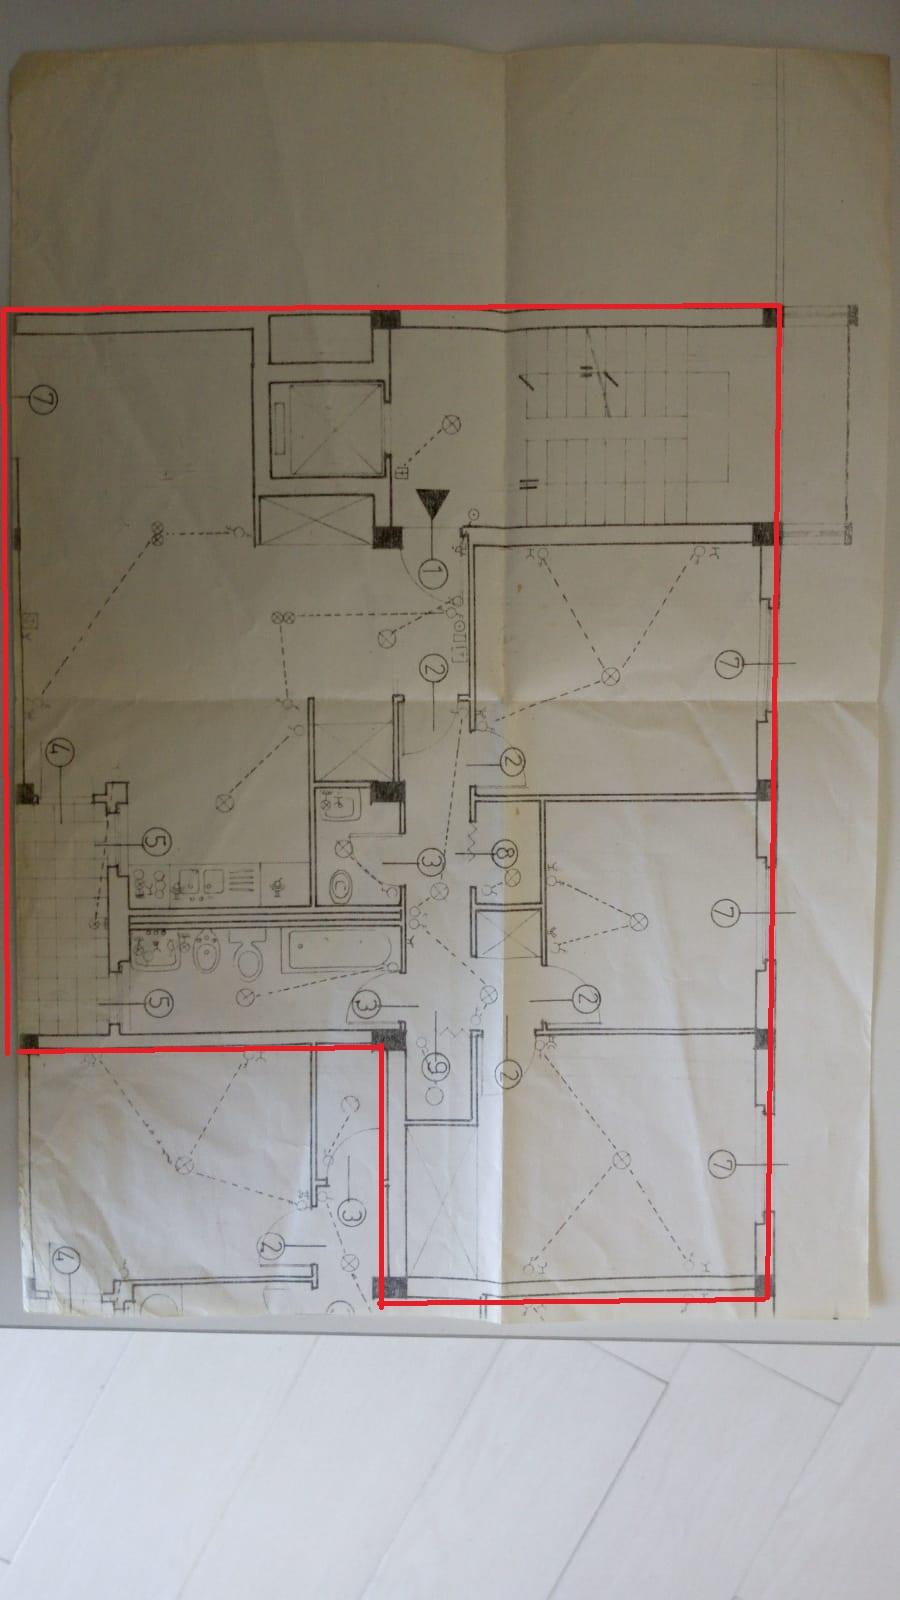 Appartamento in vendita, rif. F/0349 (Planimetria 1/1)